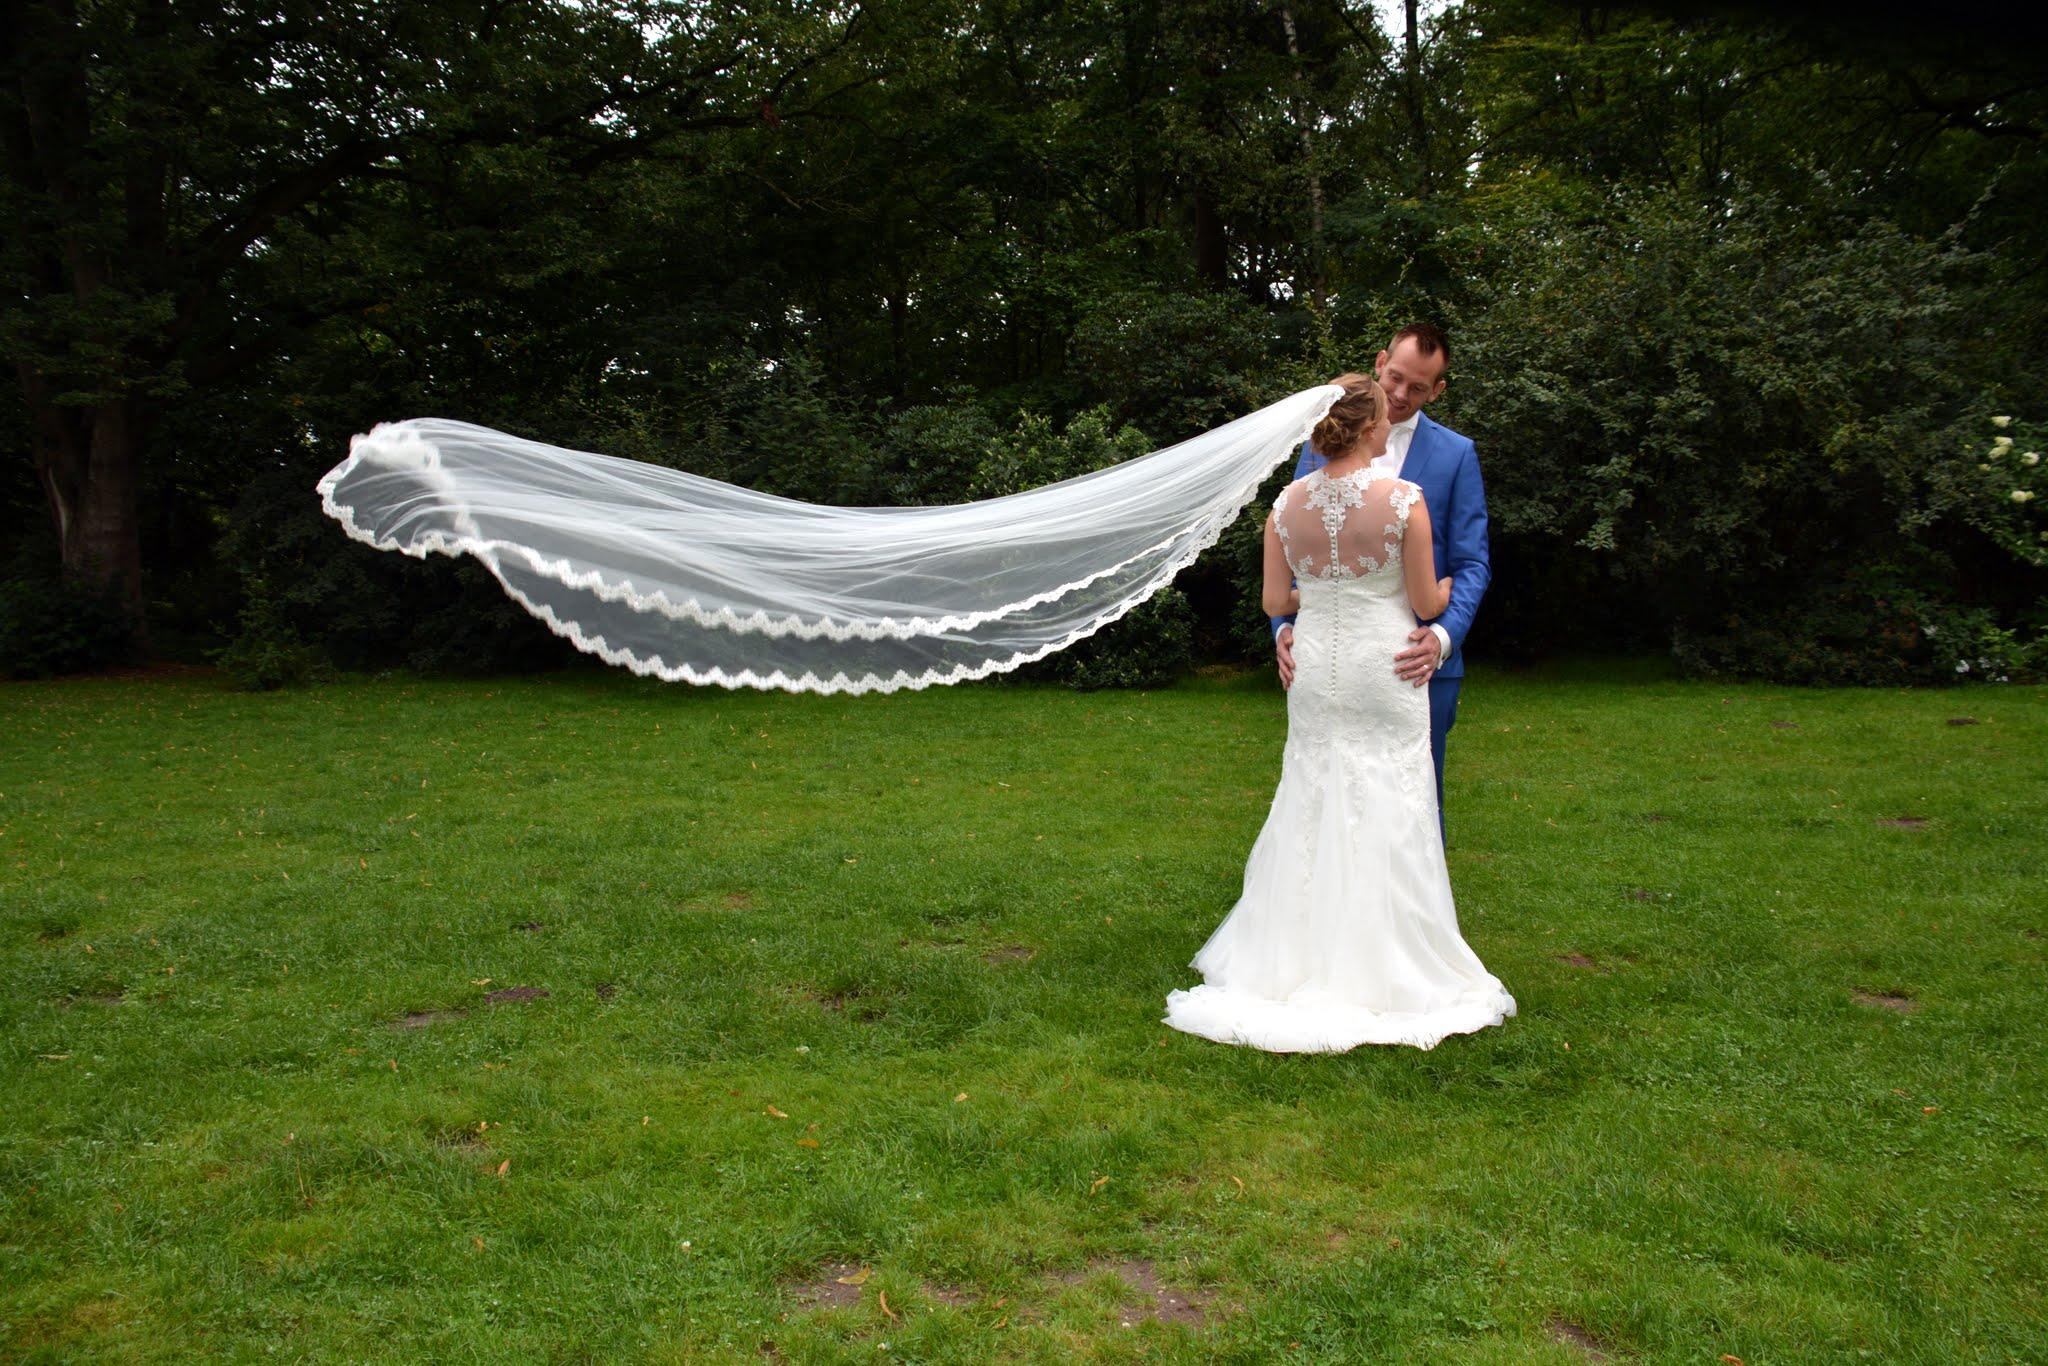 Goedkope bruidsfotograaf